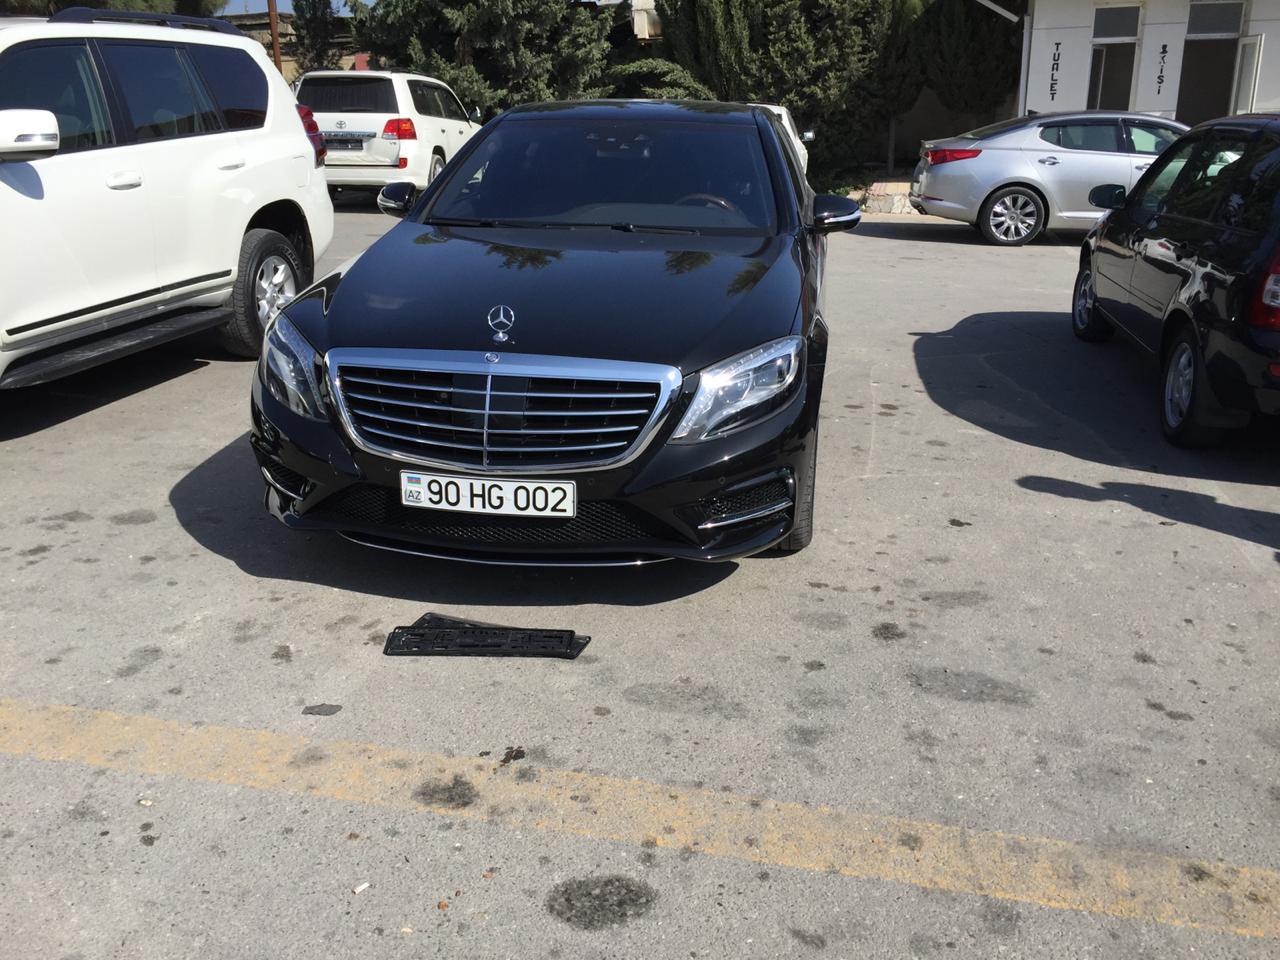 Mercedes S-classların kirayəsi. VİP Avtomobillərin icarəsi,